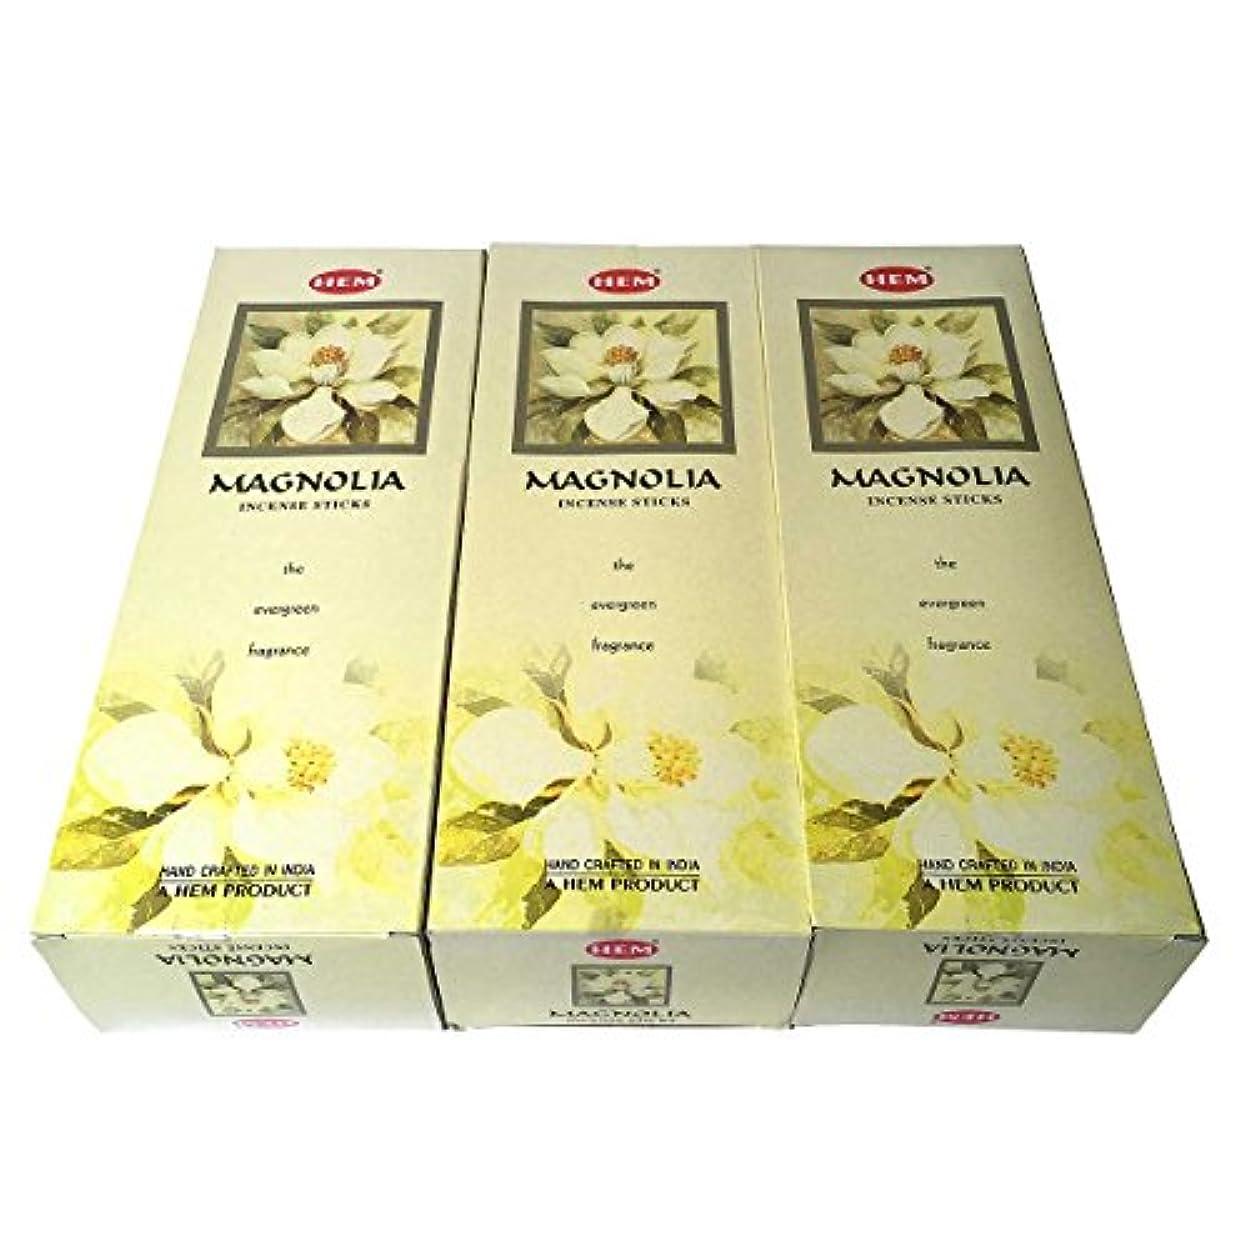 咲く繊毛シャーロットブロンテマグノリア香スティック 3BOX(18箱) /HEM MAGNOLIA/お香/インセンス/インド香 お香 [並行輸入品]